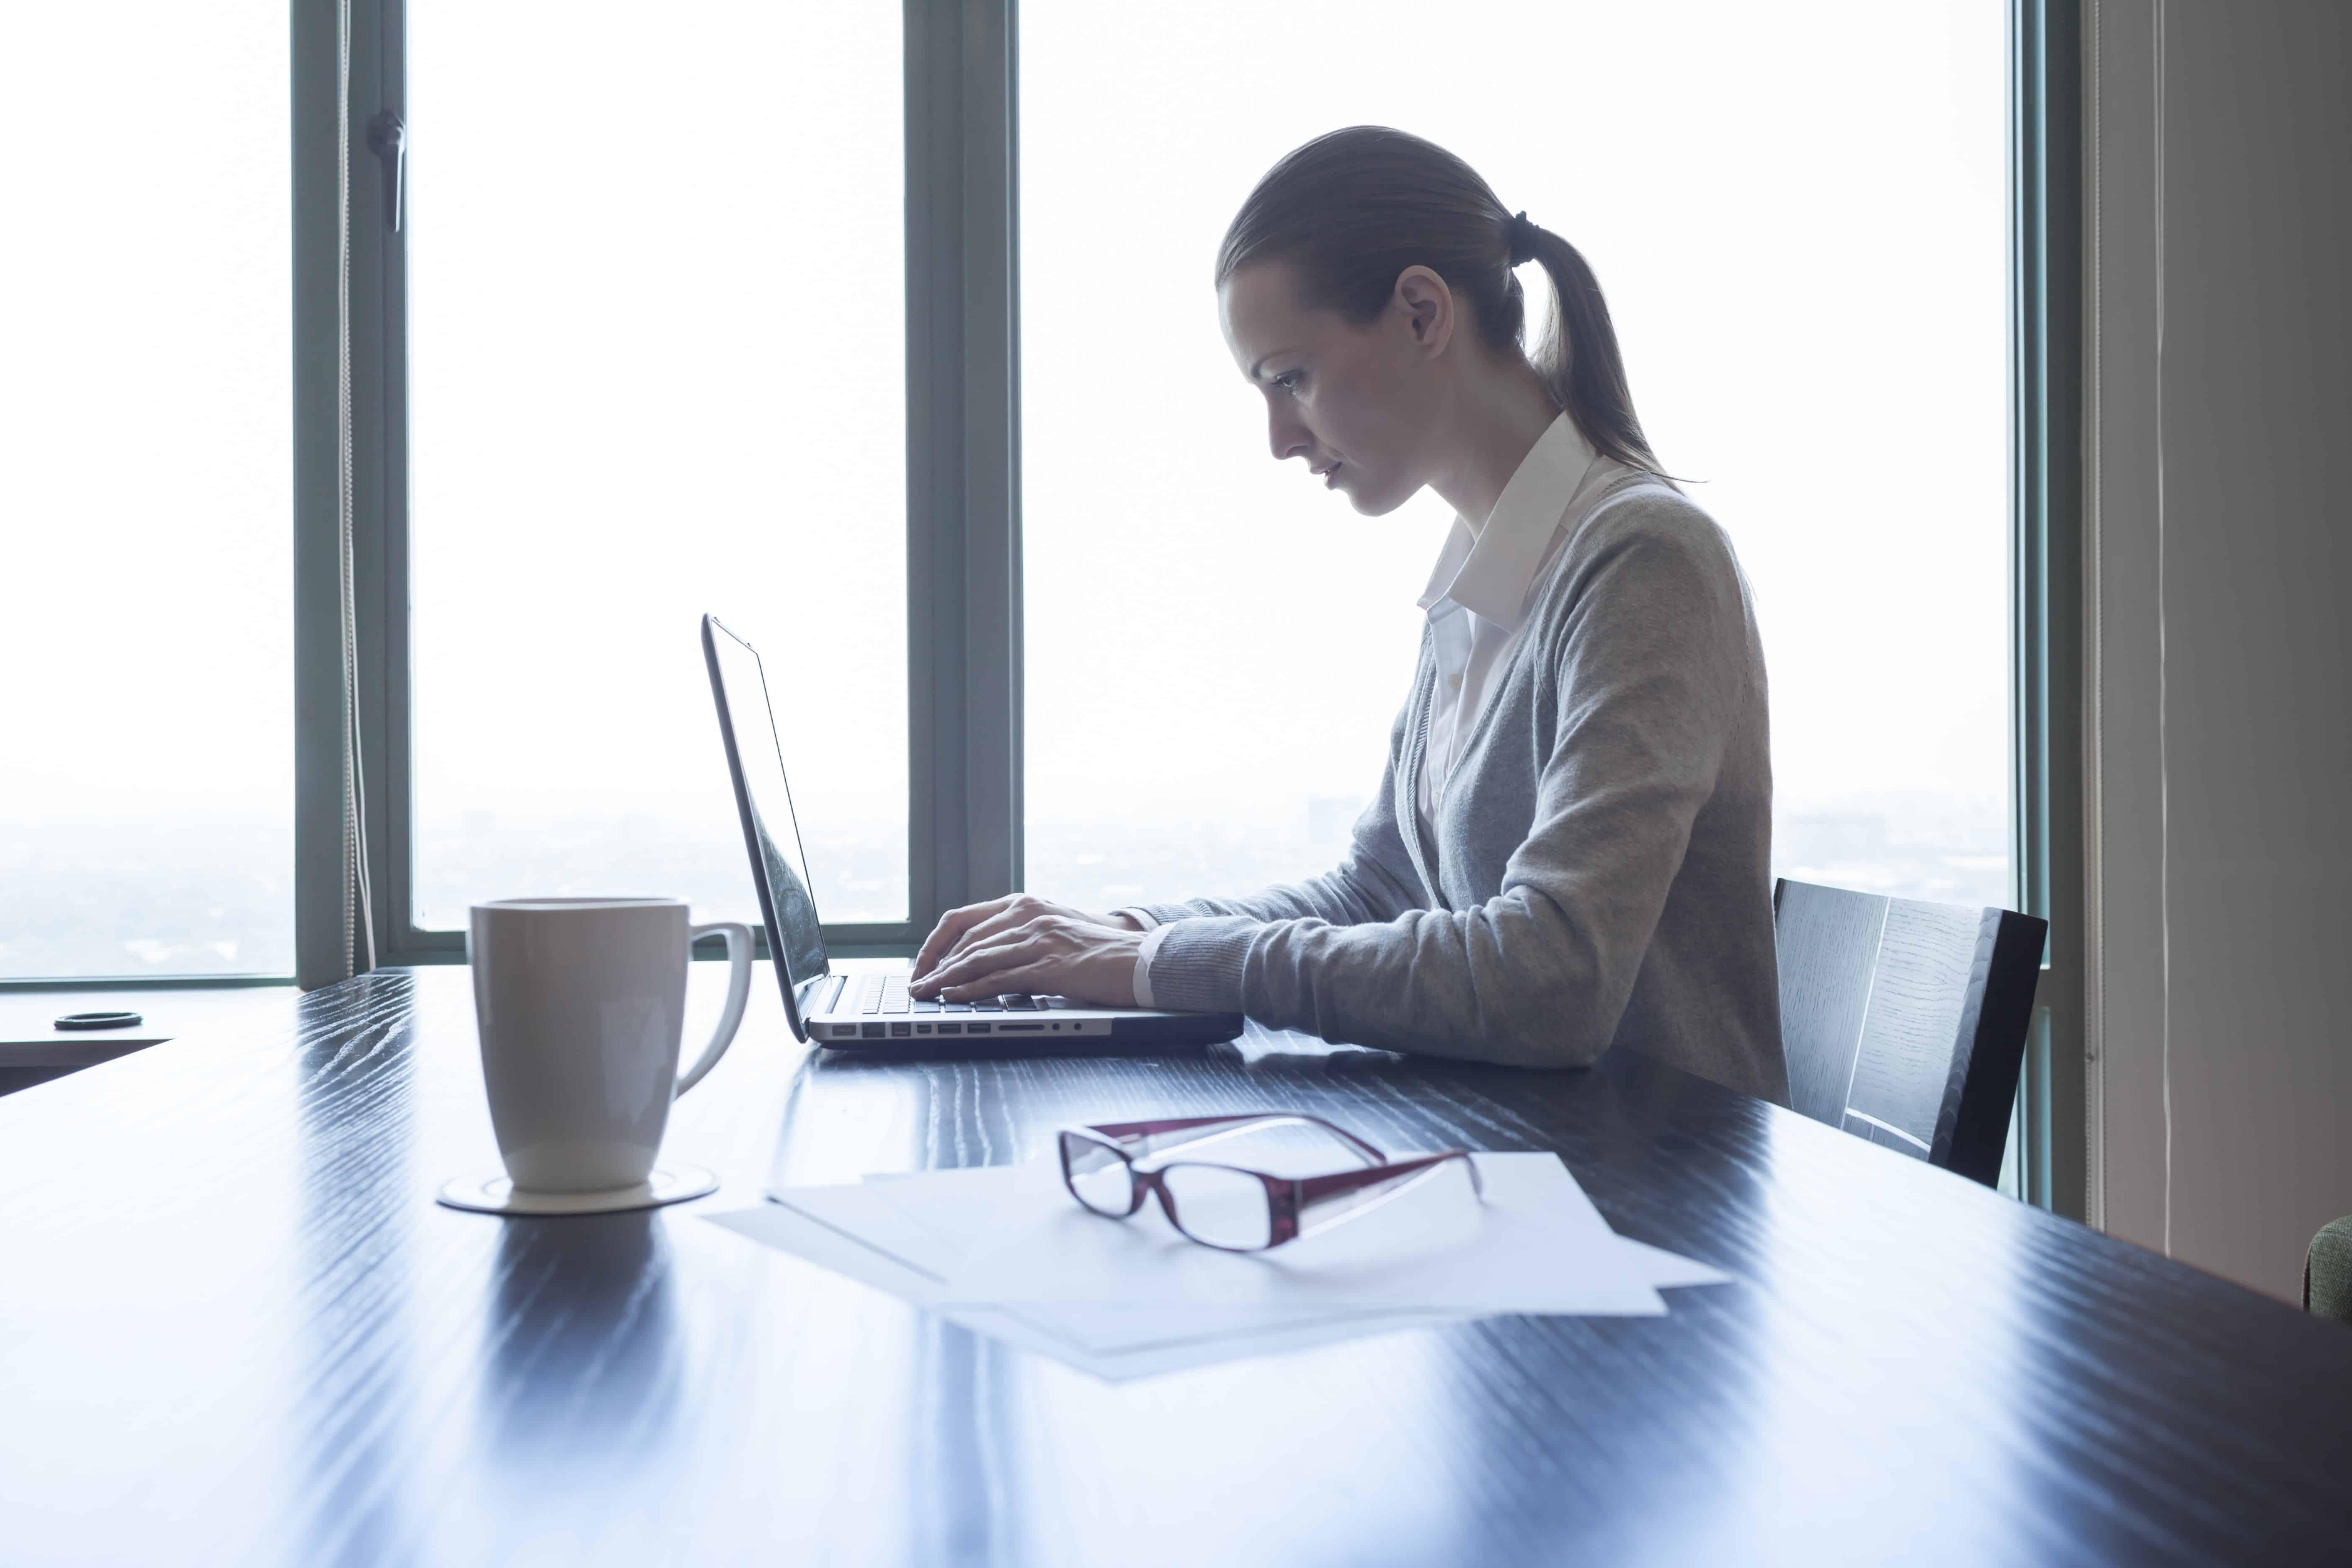 Hướng dẫn làm thủ tục hưởng bảo hiểm thất nghiệp 2020